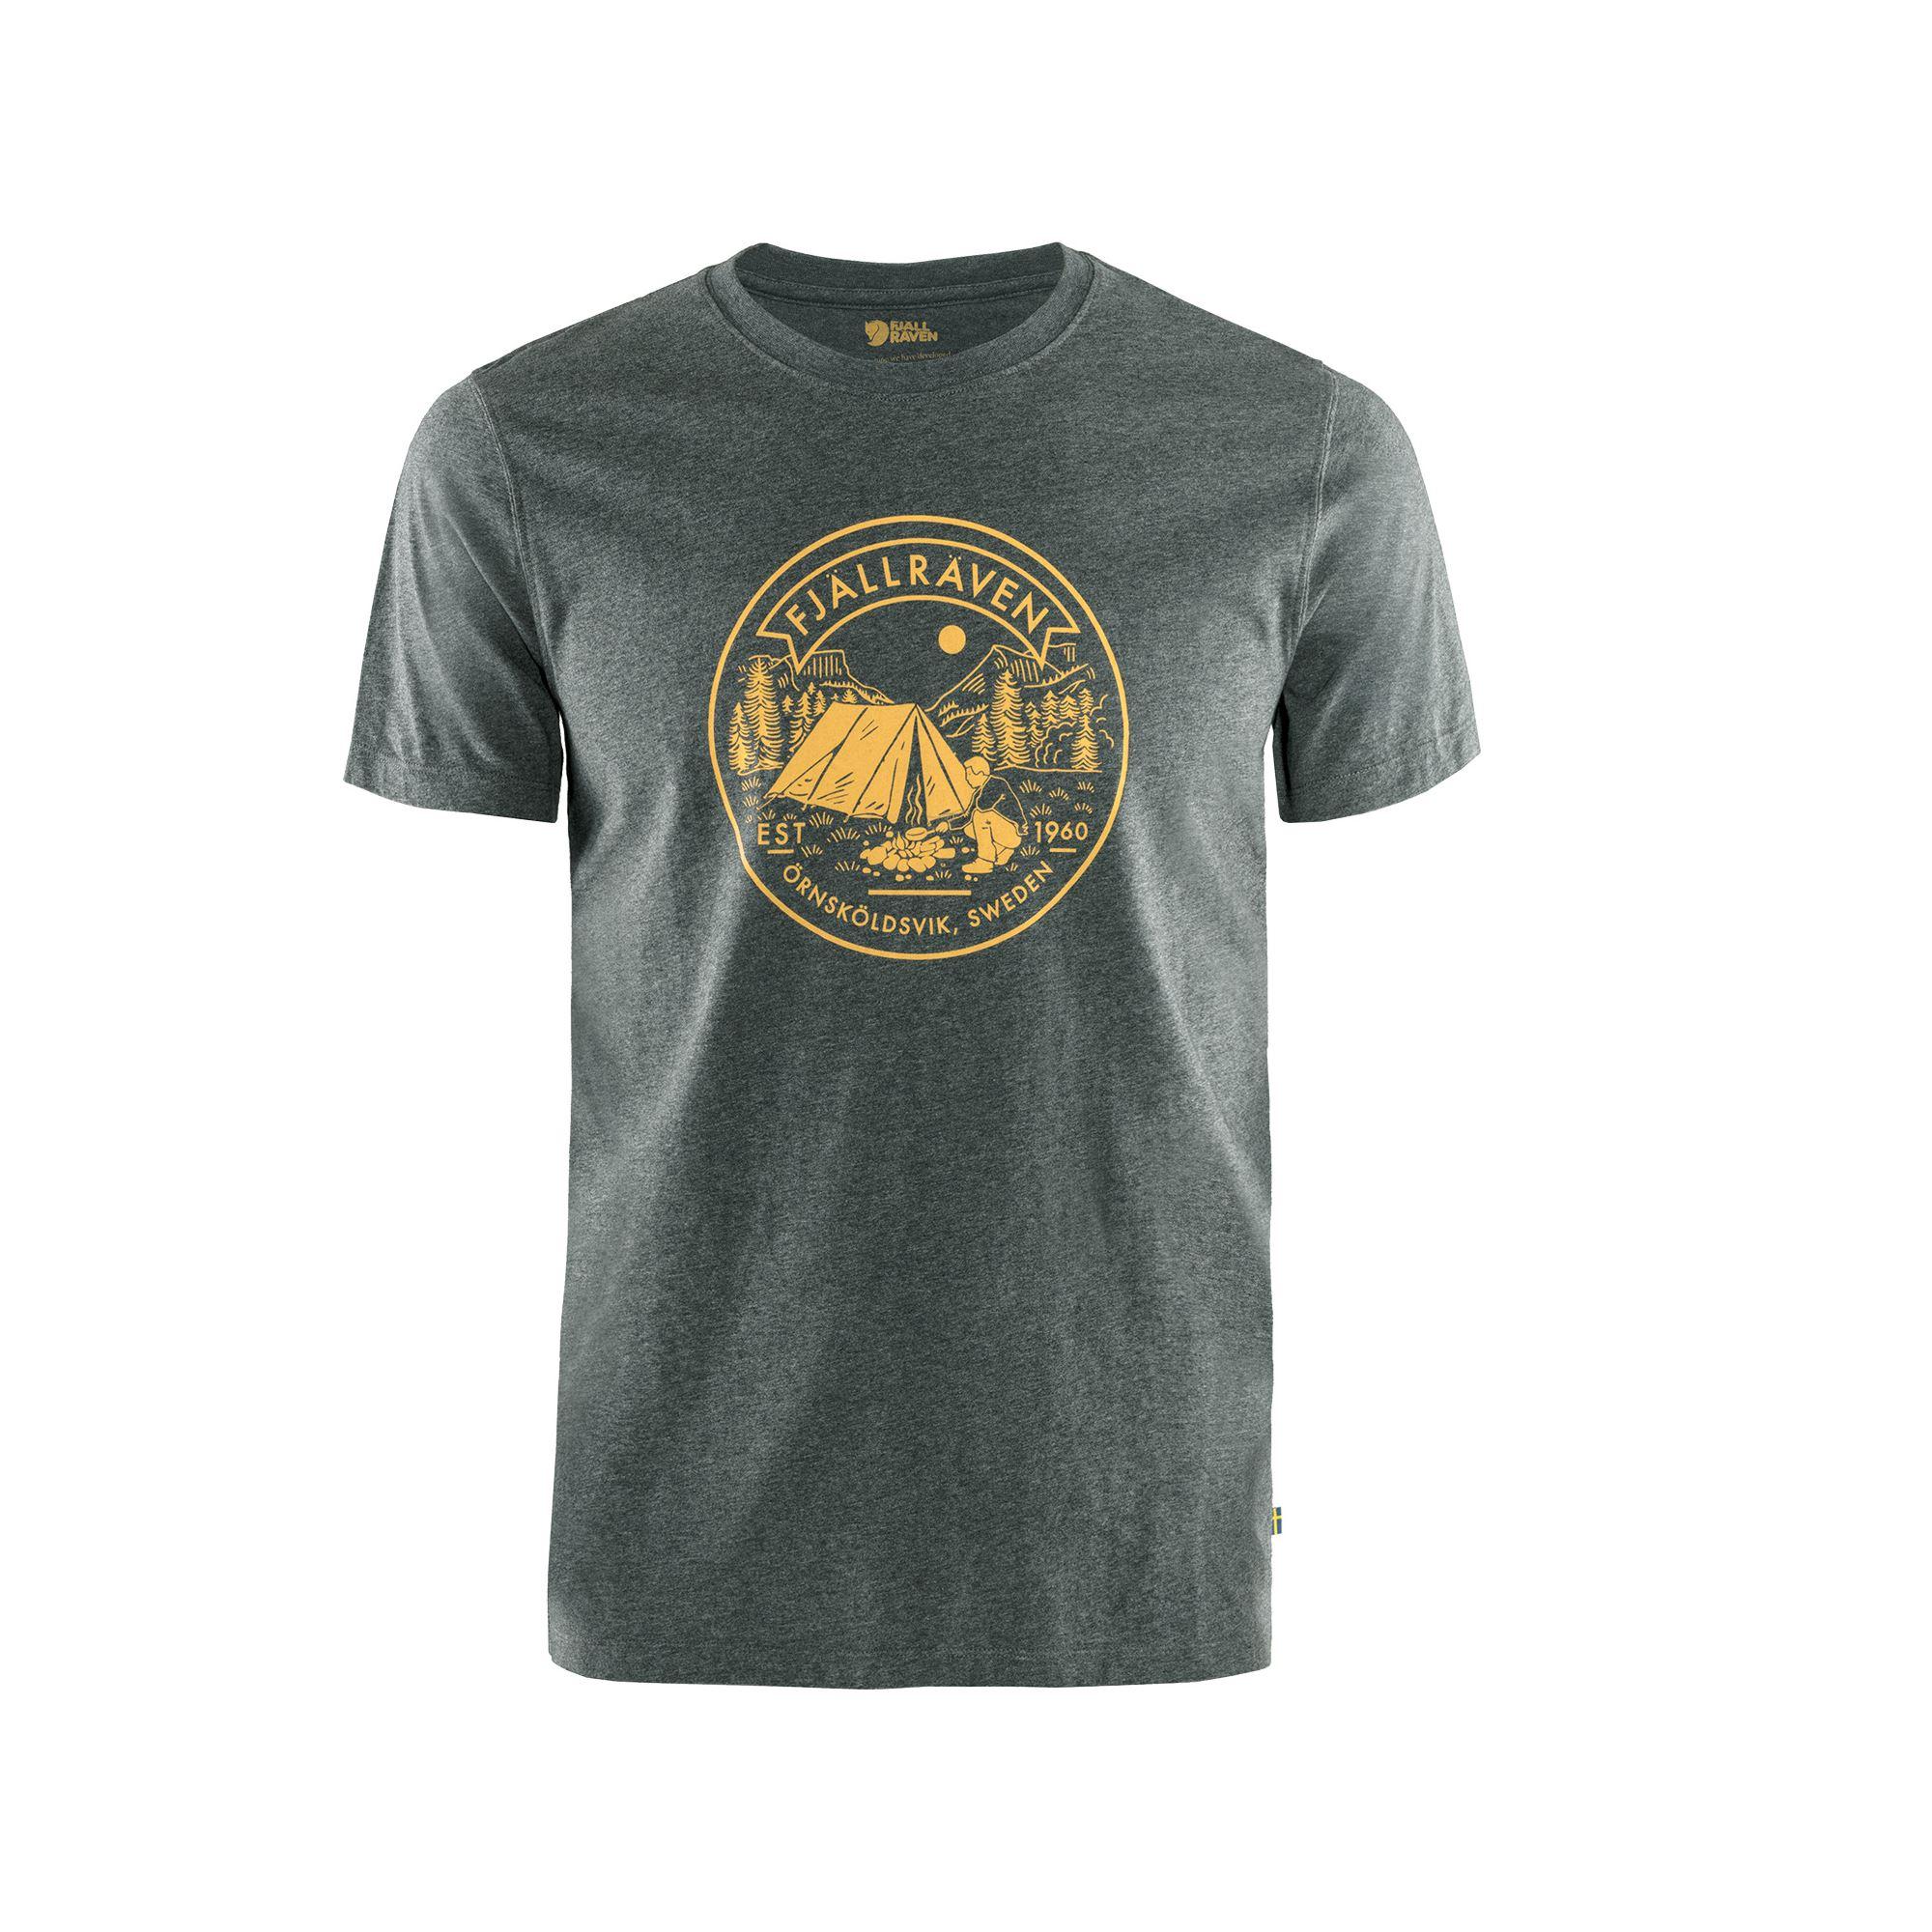 Fjällräven Lägerplast t-shirt